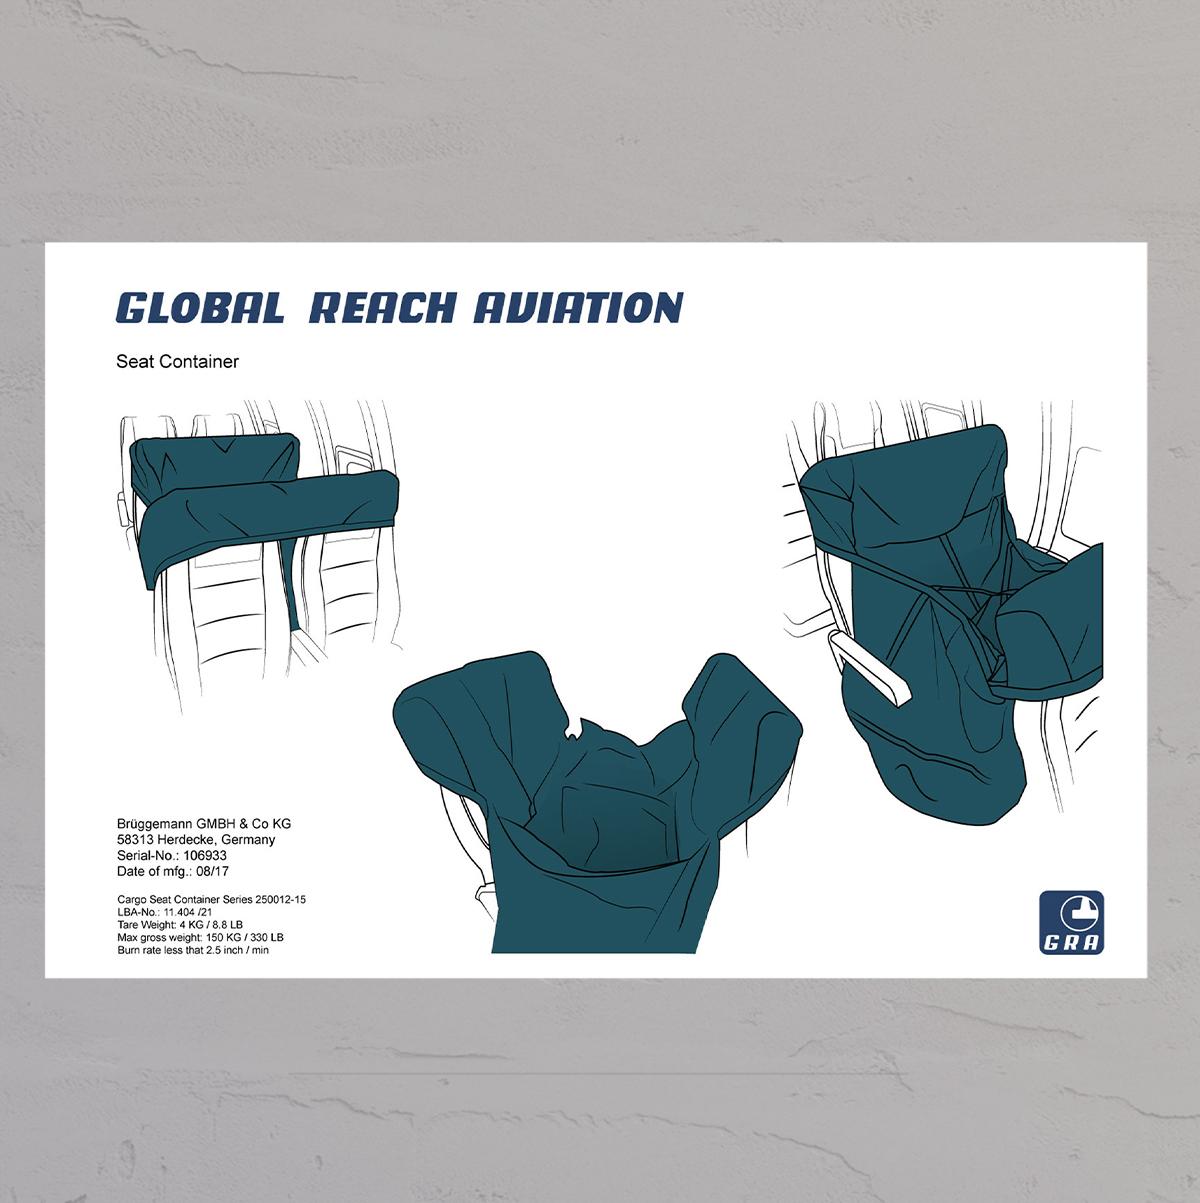 Tekniske tegninger af Seat container til Global Reach Aviation lavet af Little Creature Ink